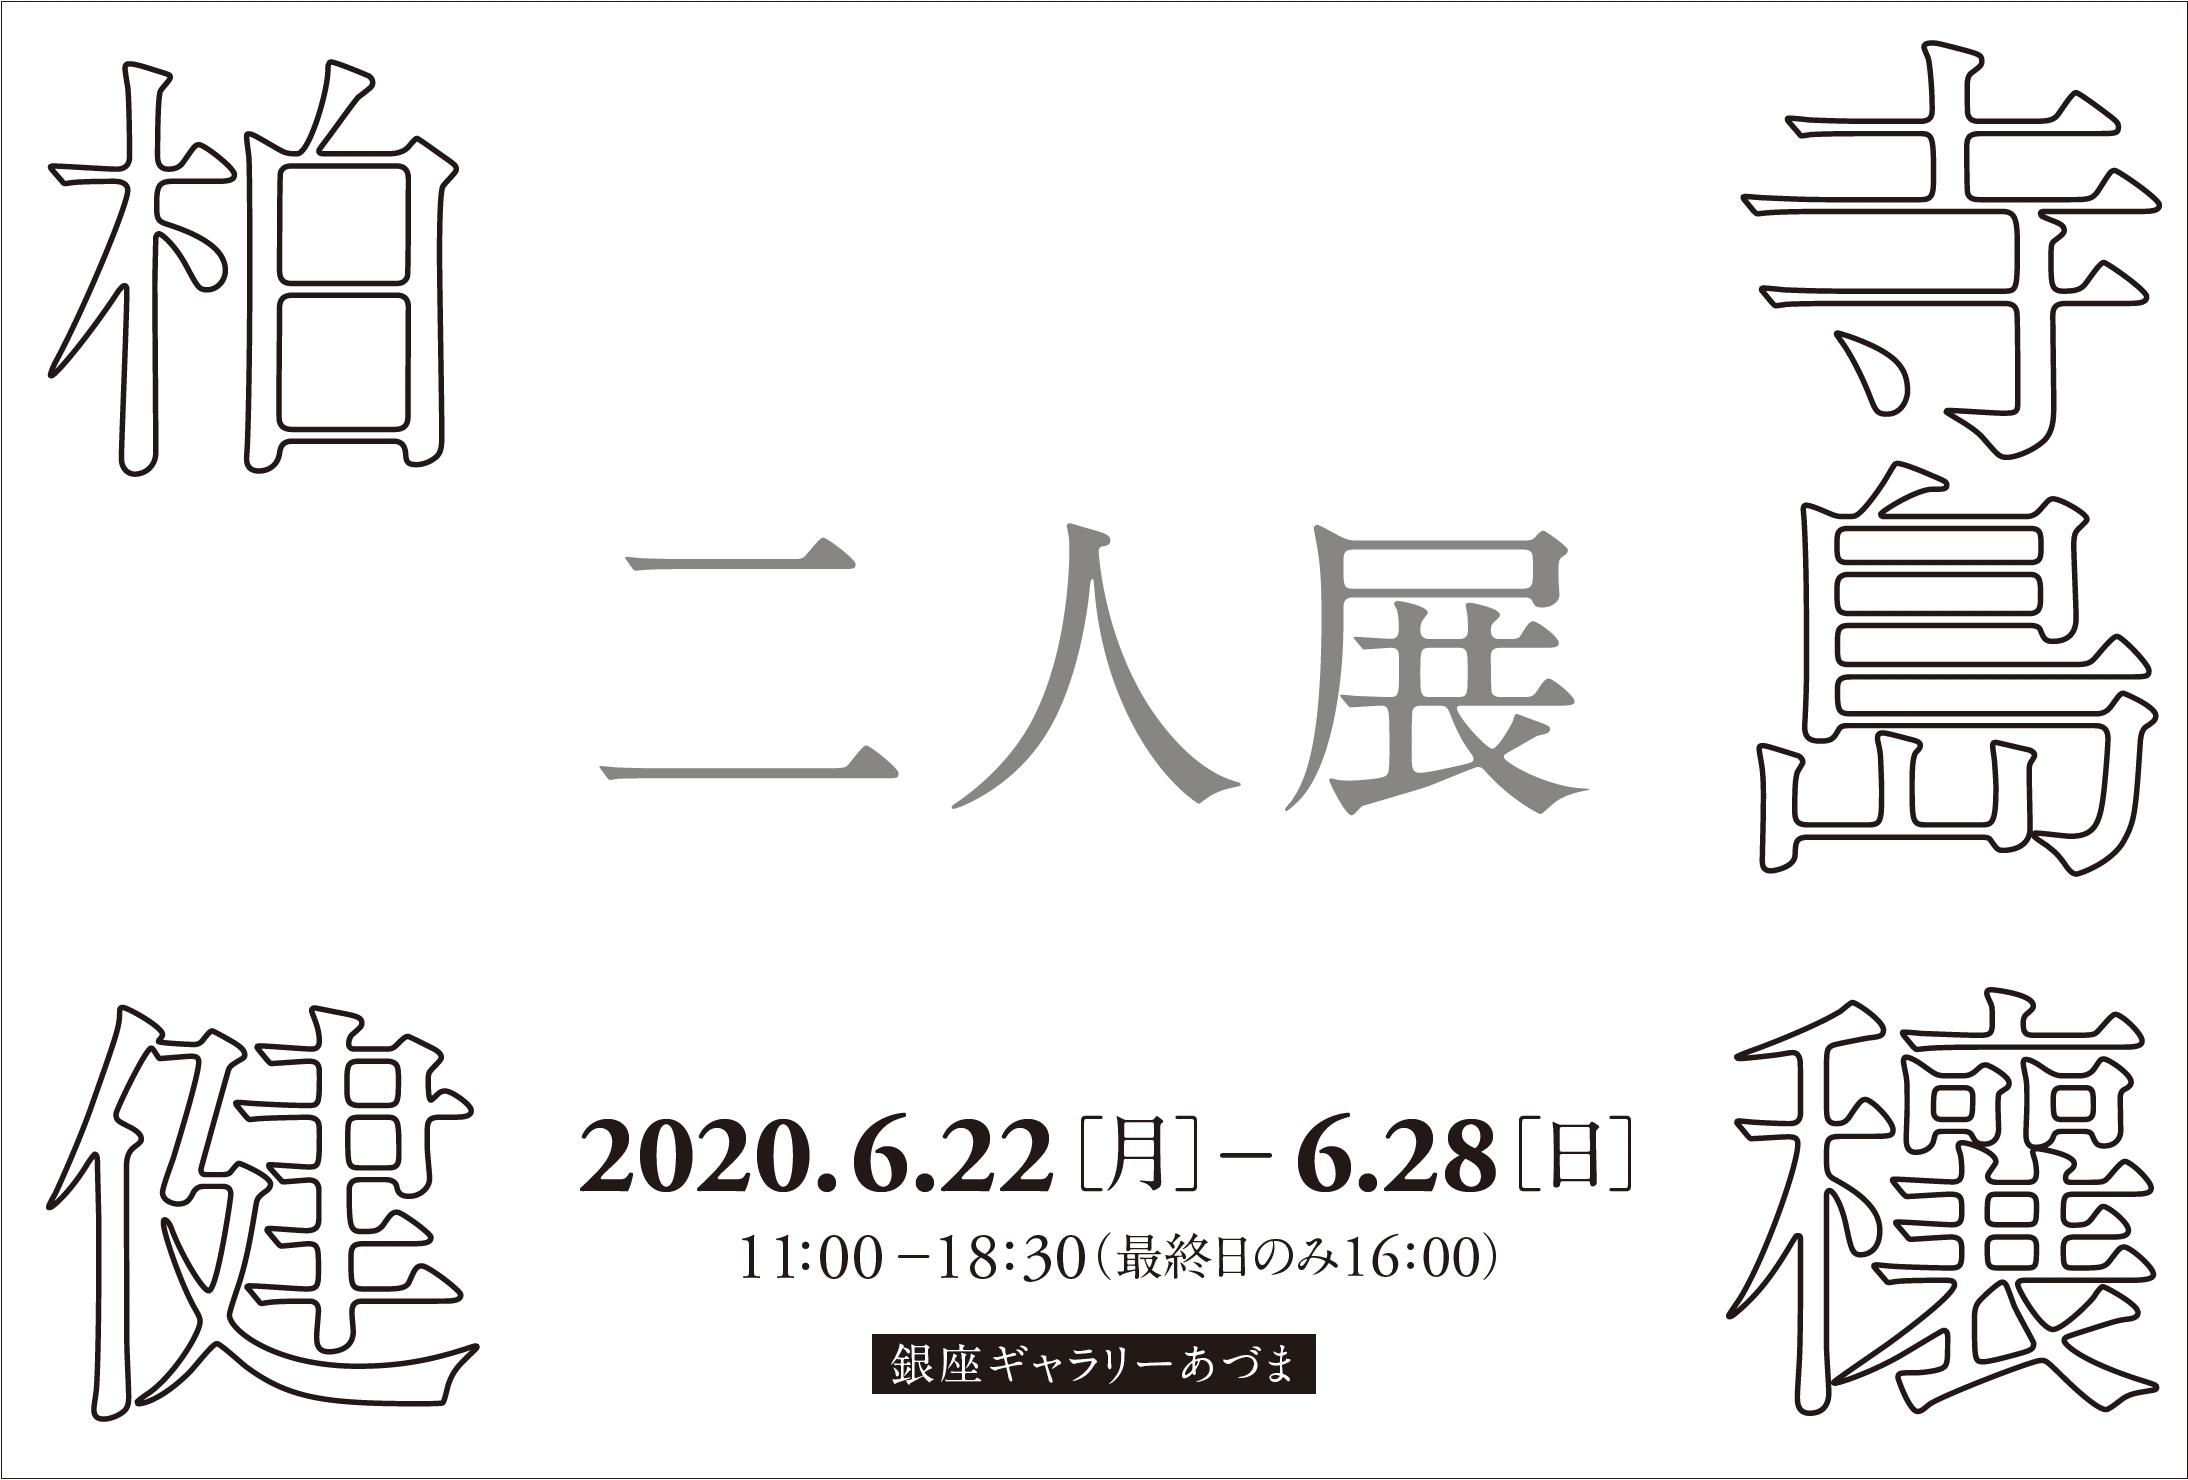 柏健・寺島譲二人展2020